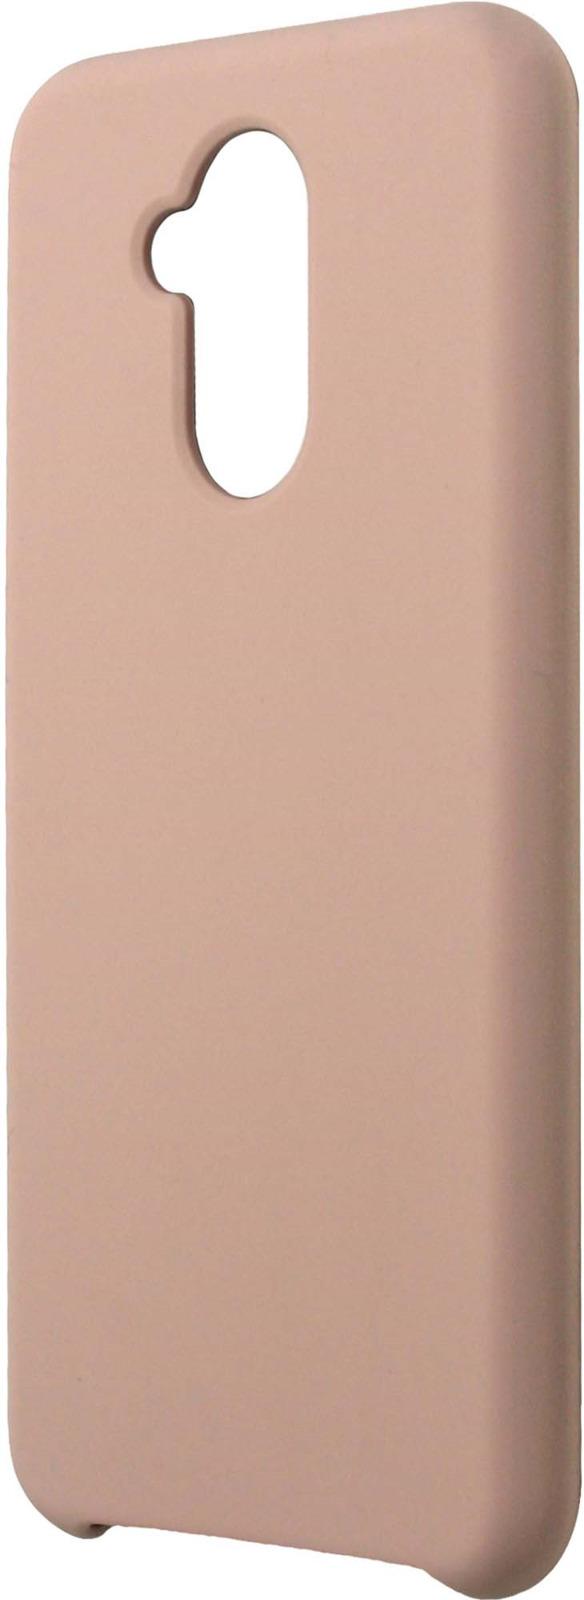 Фото - Клип-кейс Interstep Soft-Touch для Huawei Mate 20 Lite, розовый mooncase желе цвет силиконовый гель тпу тонкий с подставкой обложка чехол для huawei ascend mate 7 фиолетовый